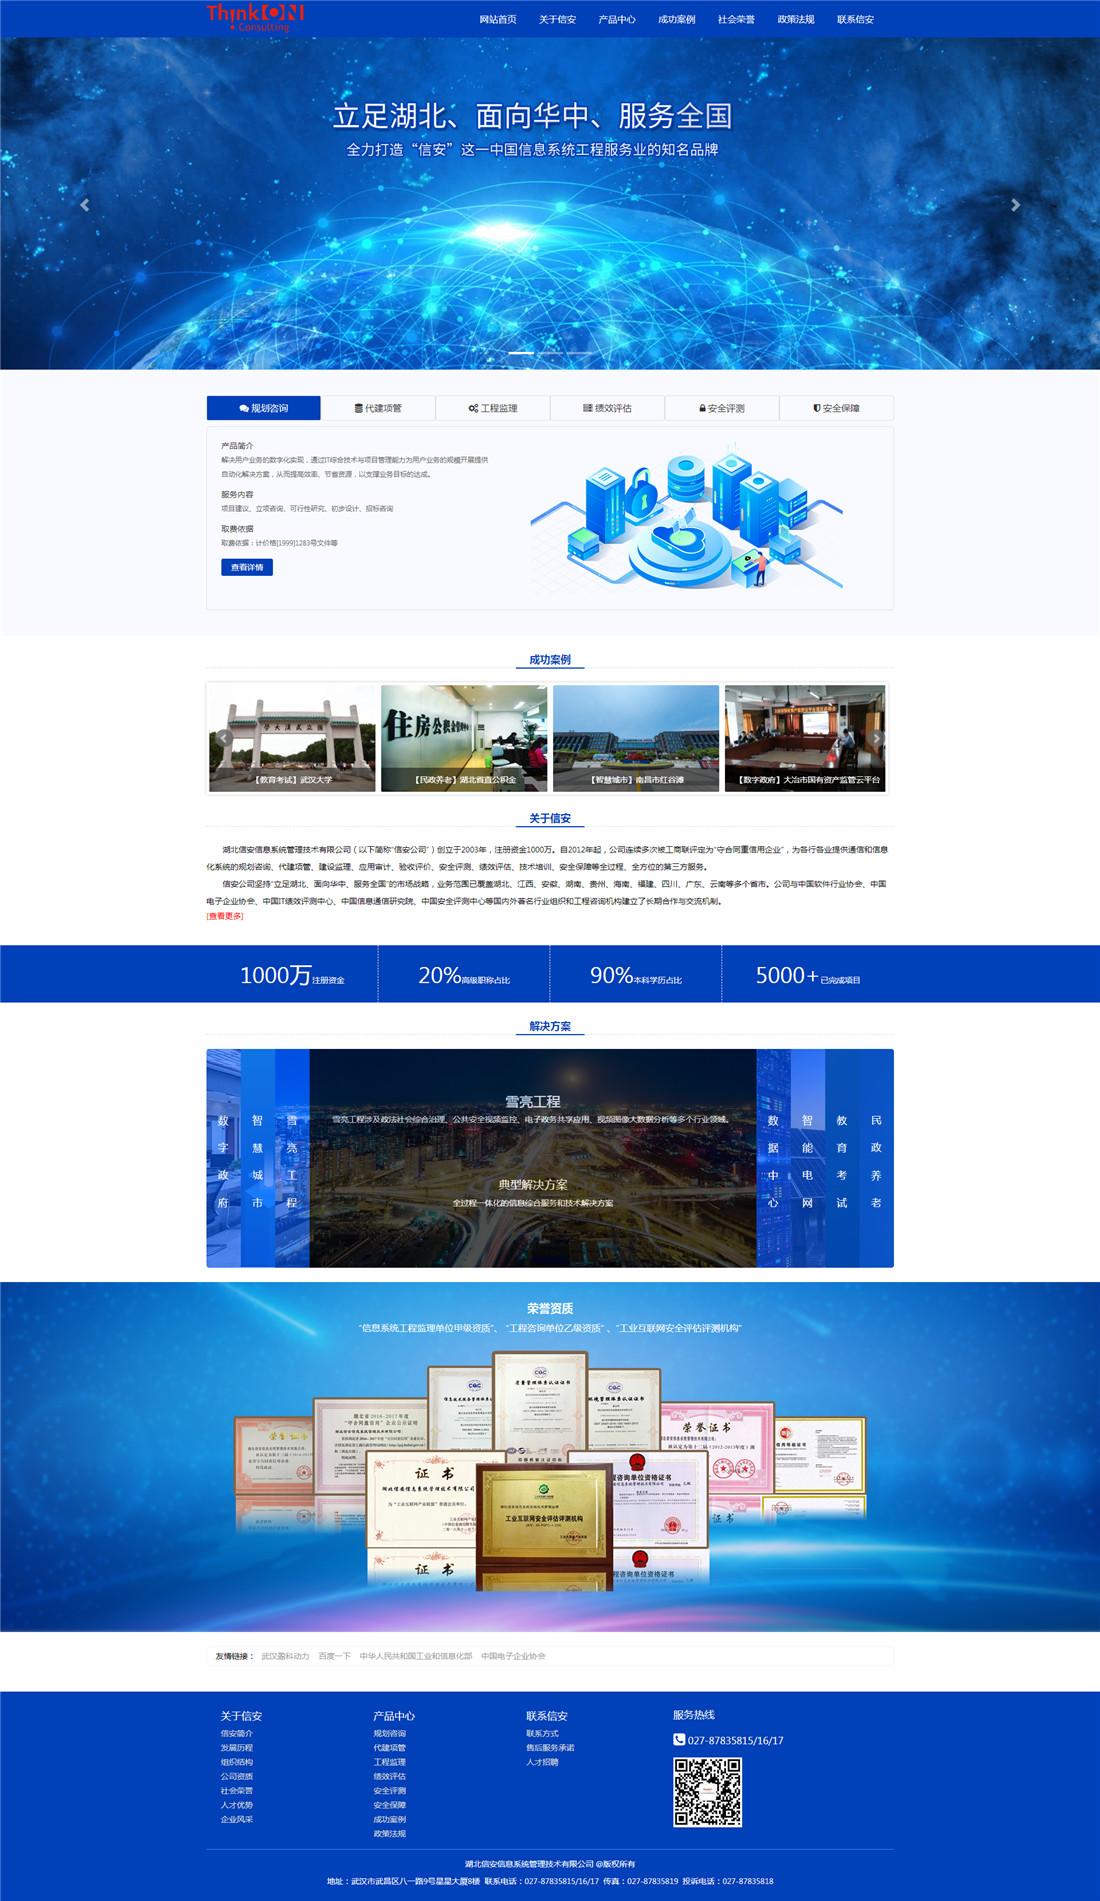 东莞市信息系统管理技术有限公司全响应式网站制作案例